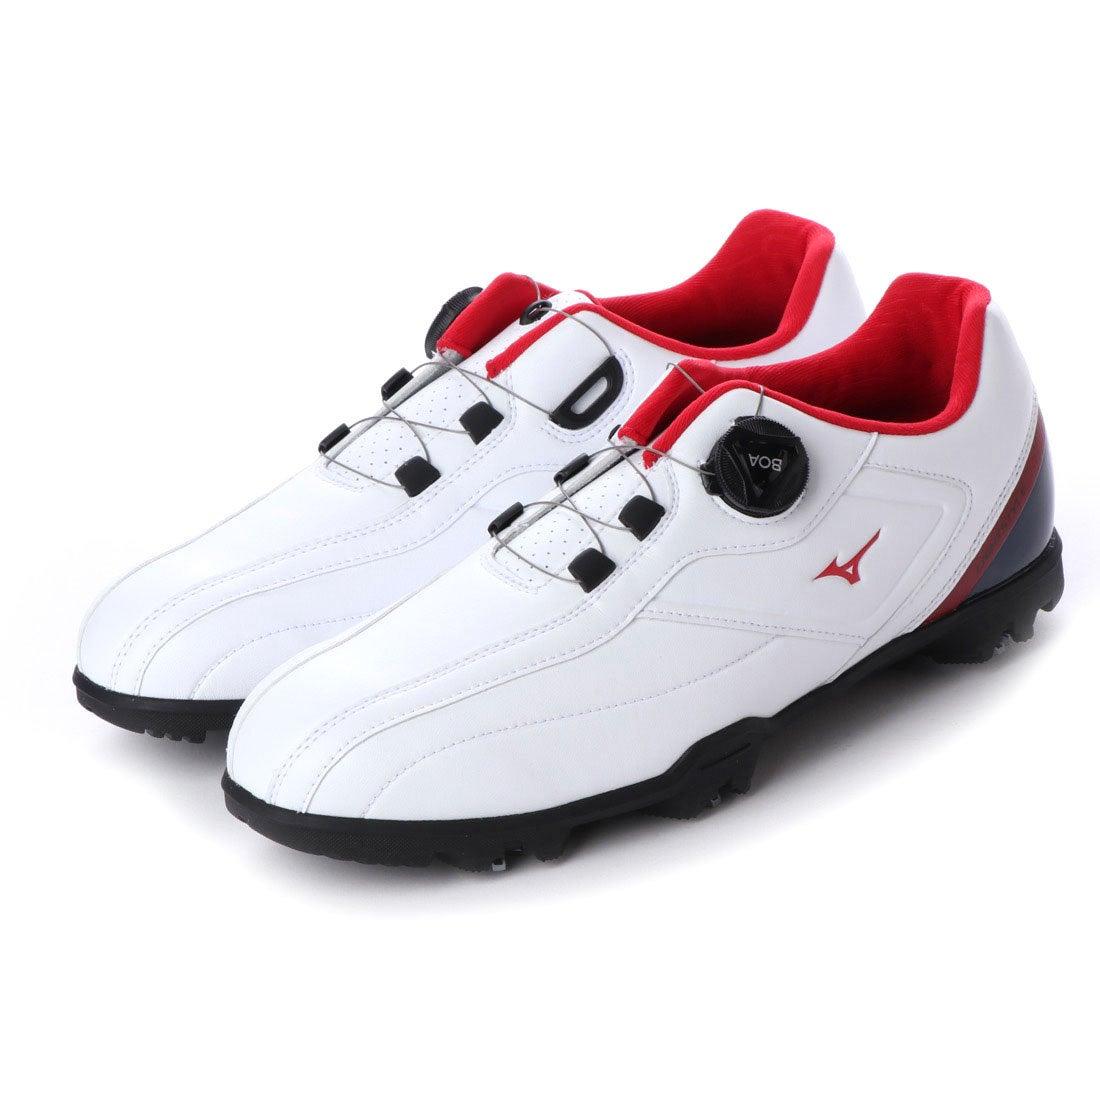 ロコンド 靴とファッションの通販サイトミズノ MIZUNO メンズ ゴルフ ダイヤル式スパイクシューズ Light Style 003 Boa 51GM196014 115